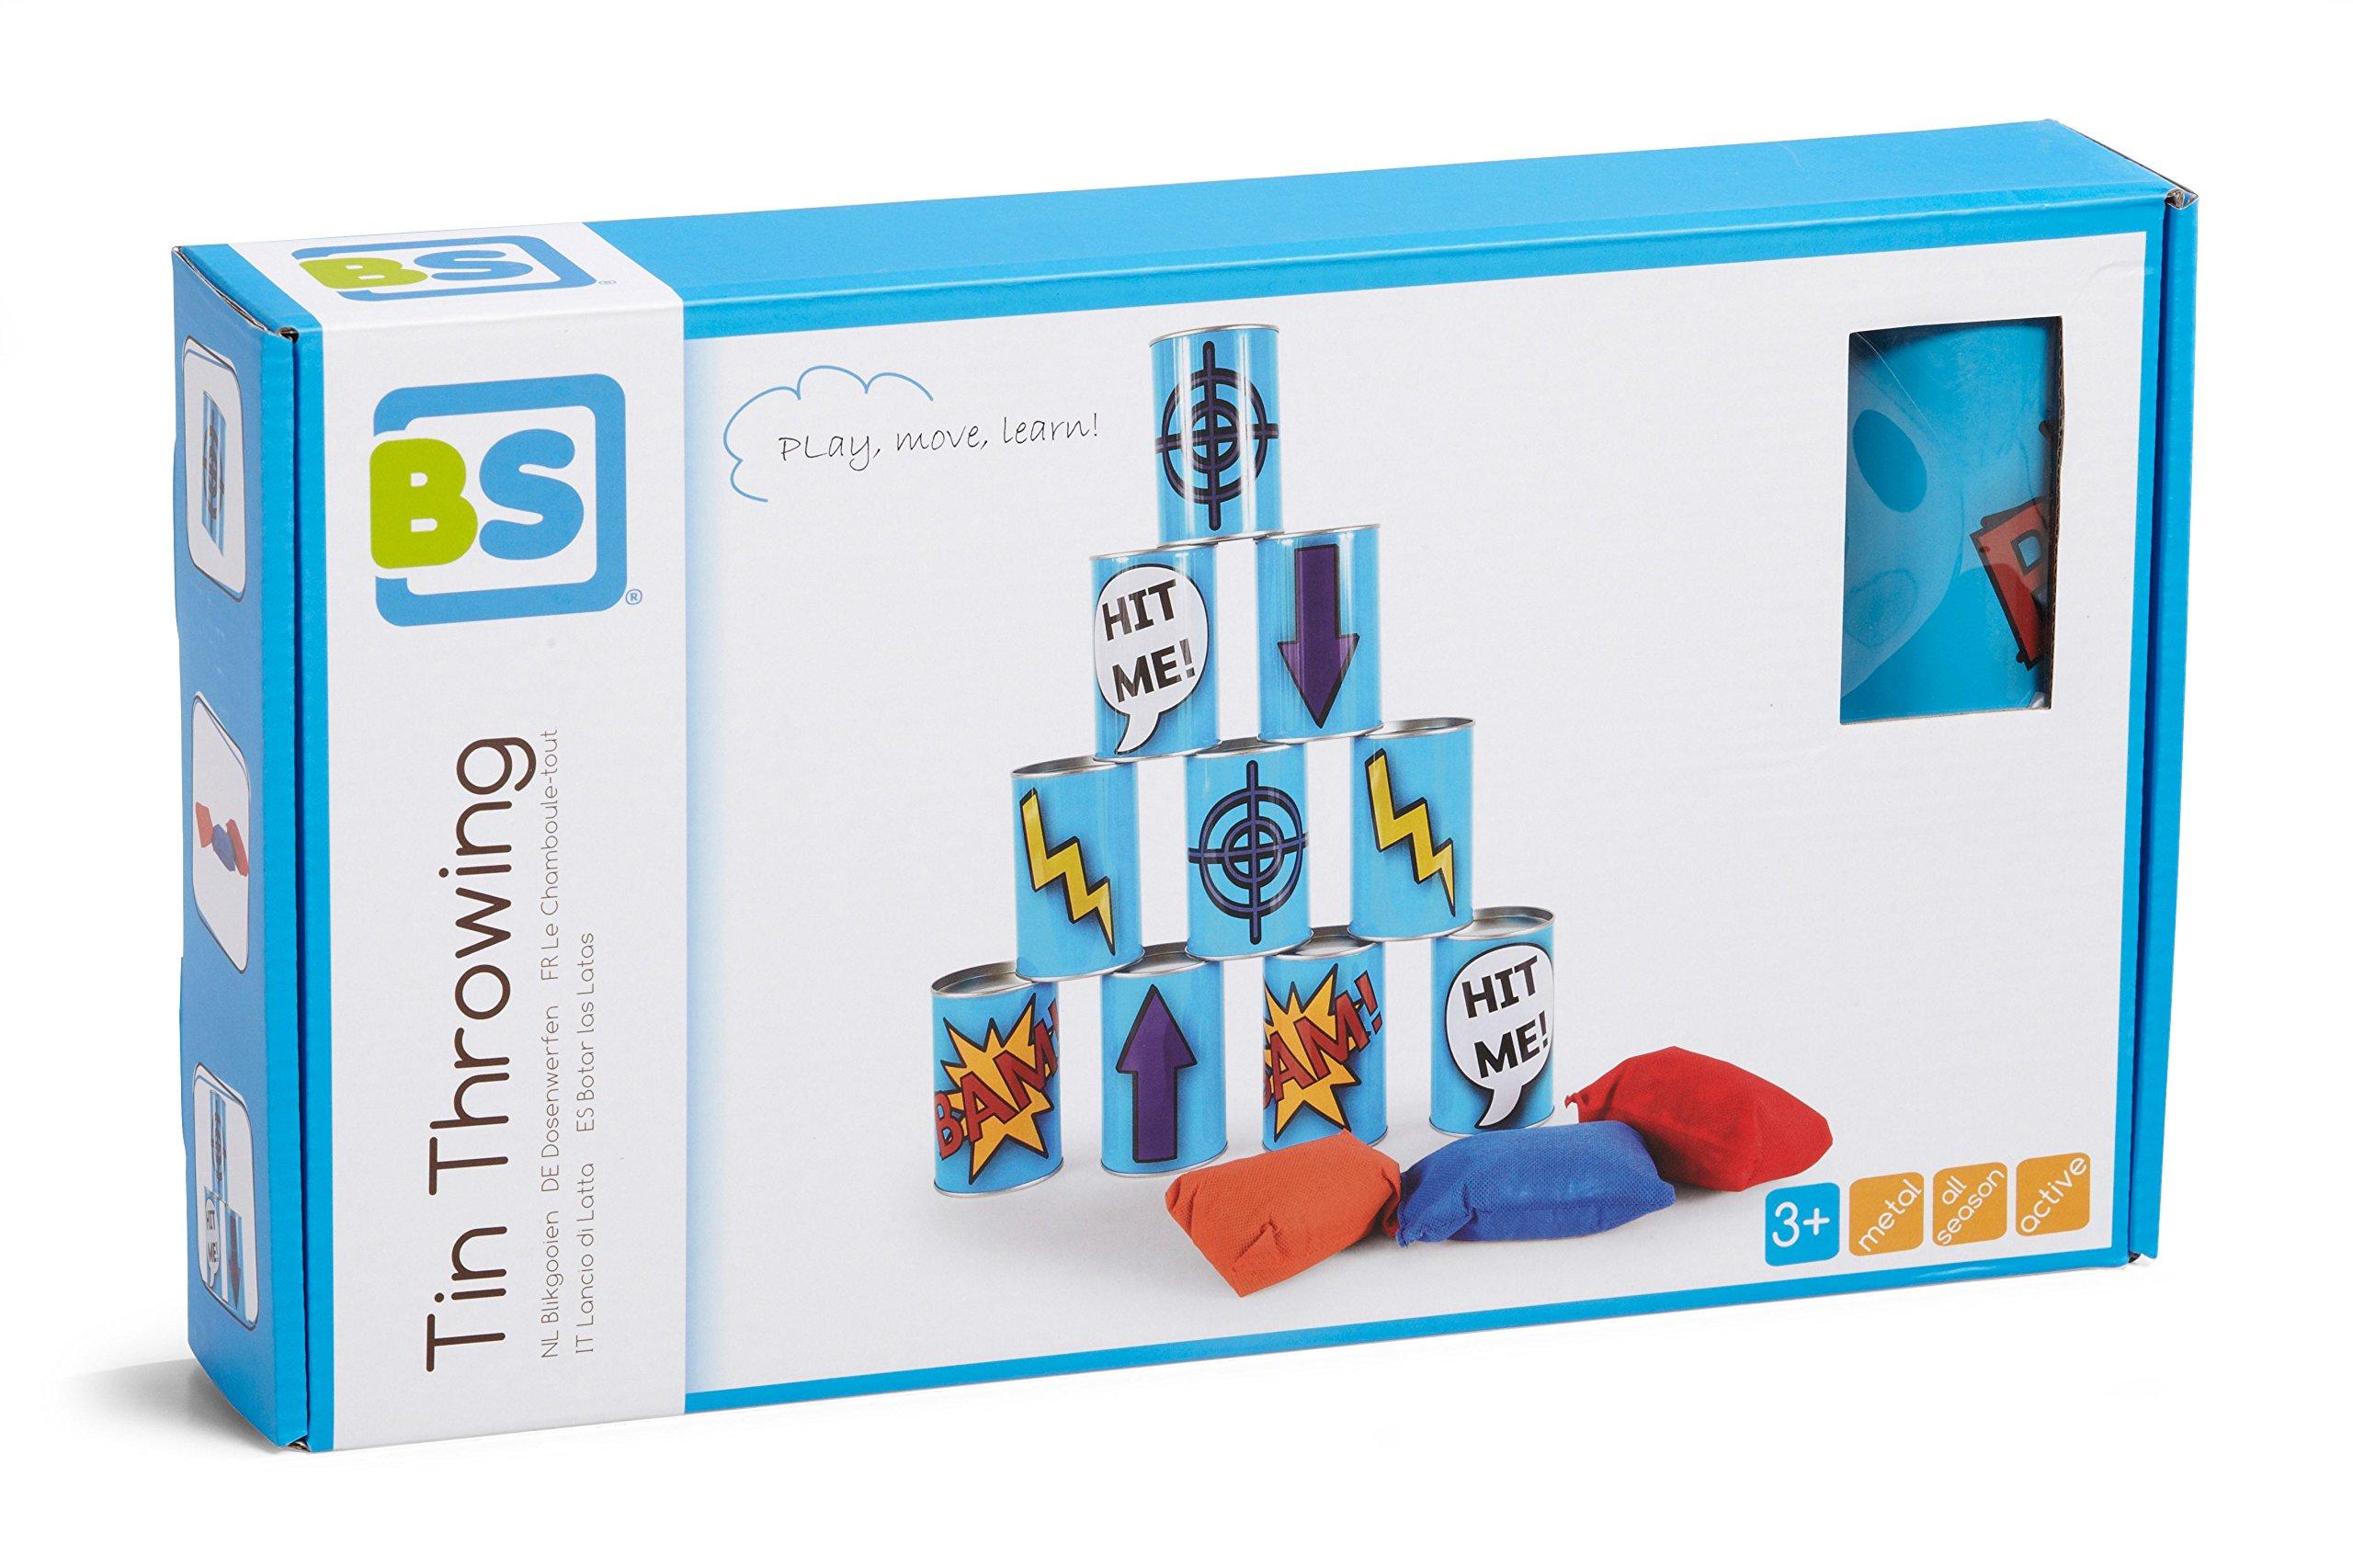 Robbie Toys BuitenSpeel Tin Throwing Game by Robbie Toys